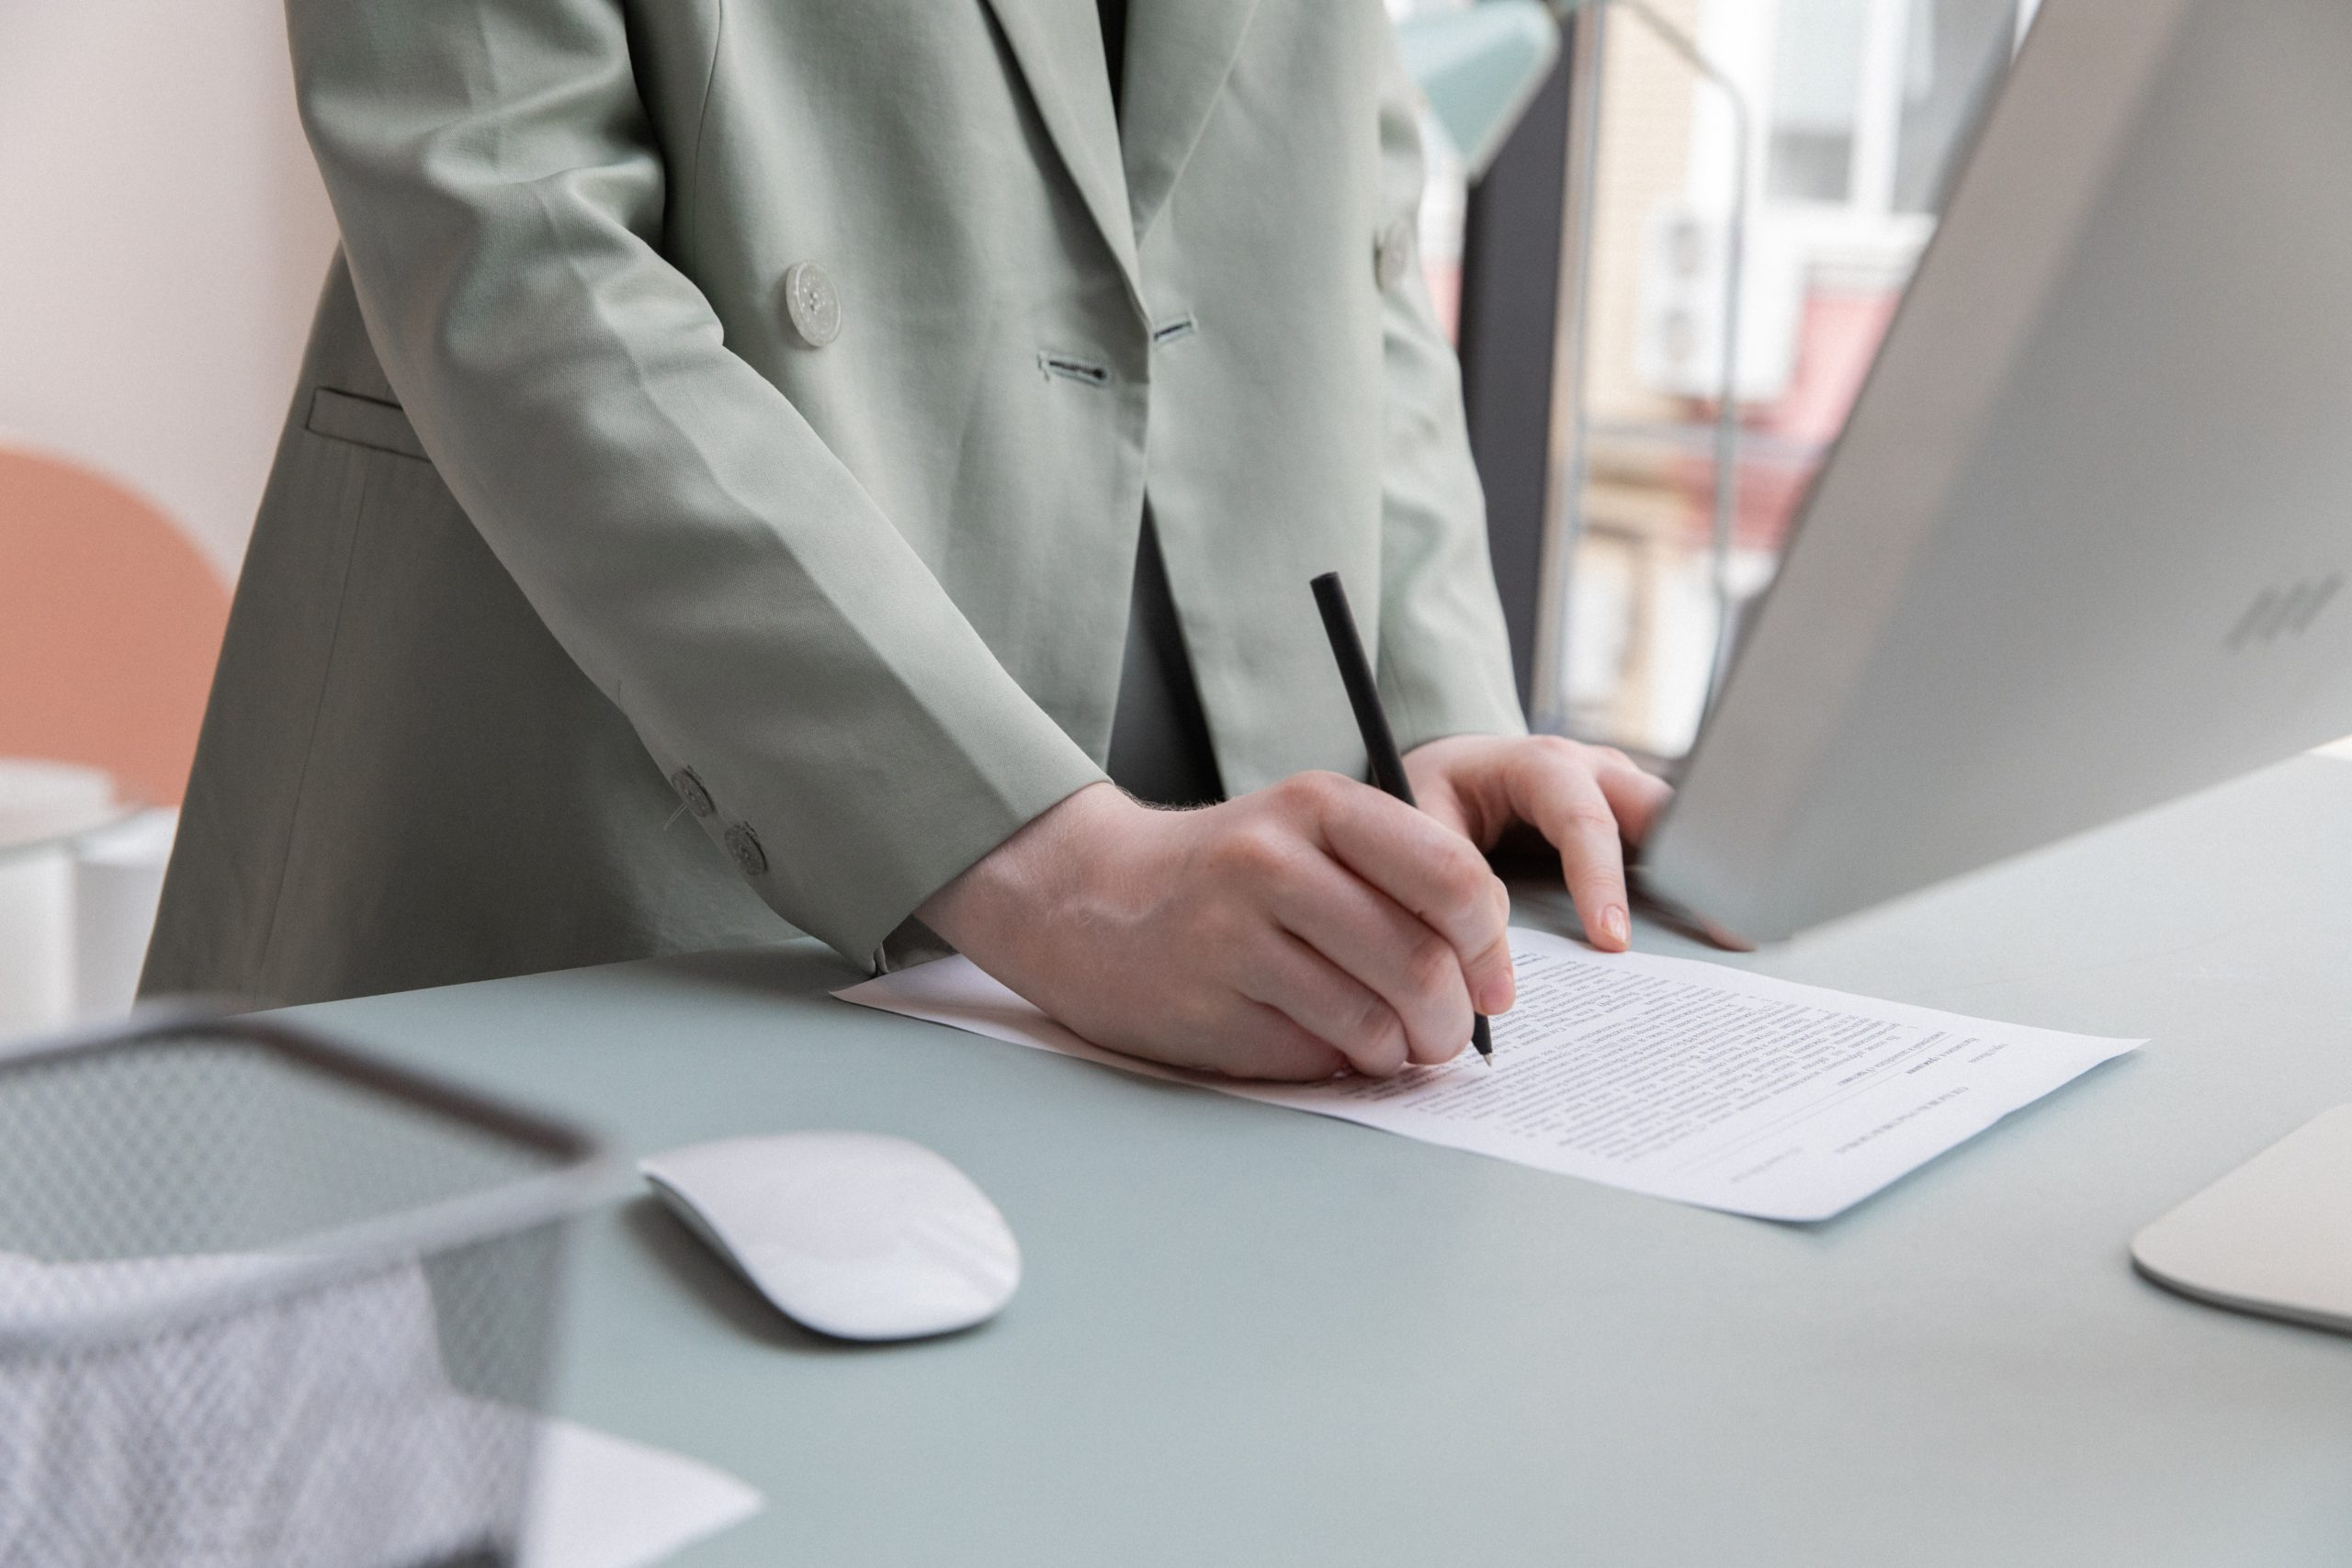 Vertrag Unterschreiben Personalien